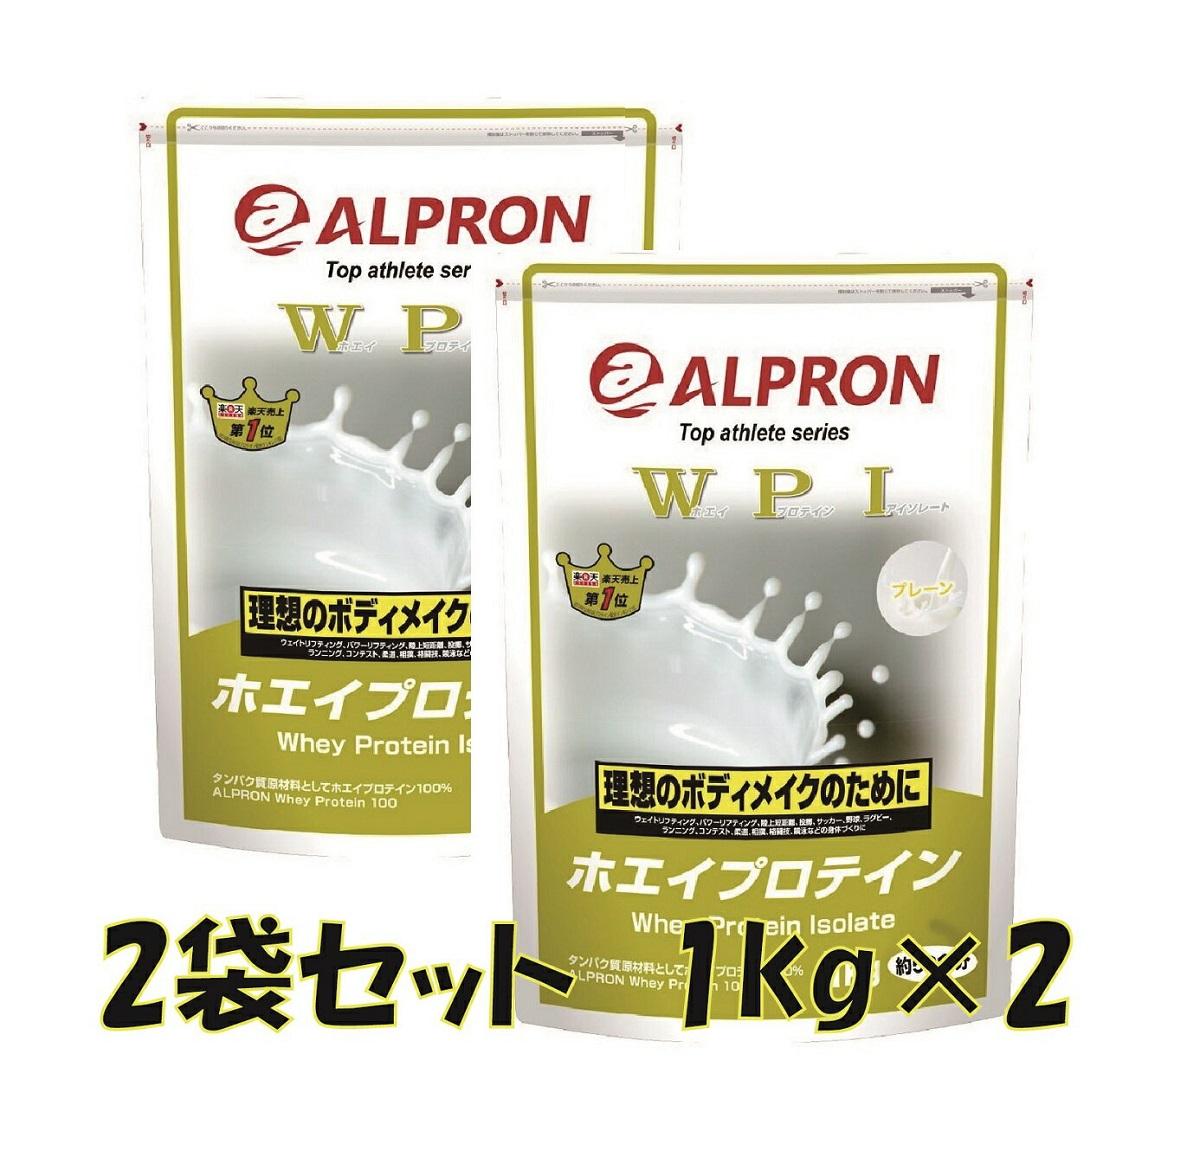 【2袋セット】【送料無料】アルプロン -ALPRON- ホエイプロテイン WPI プレーン (3kg)【アミノ酸スコア100】